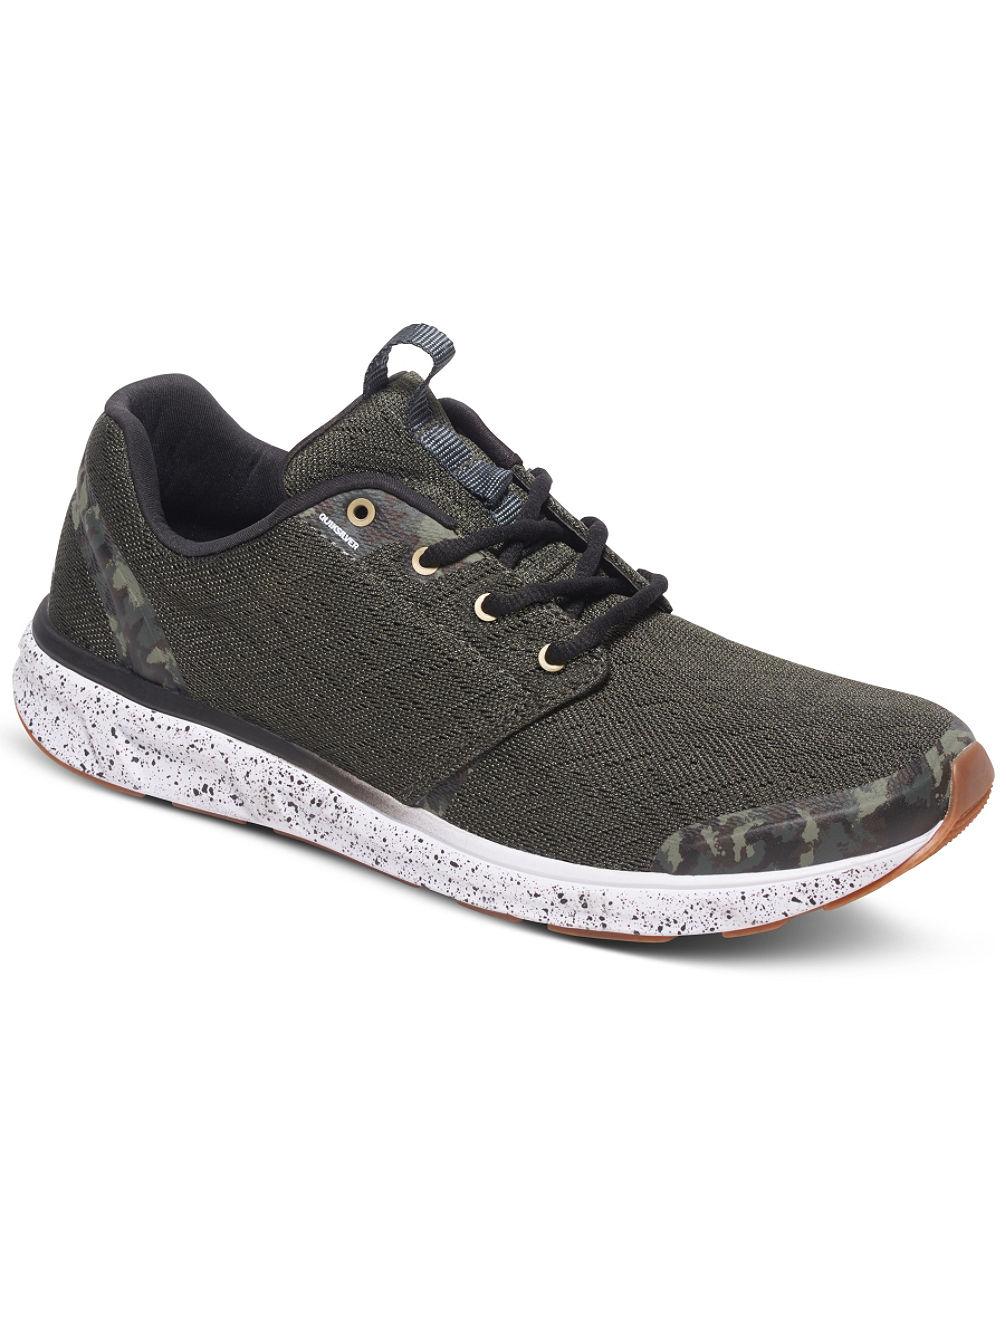 quiksilver-voyage-deluxe-sneakers